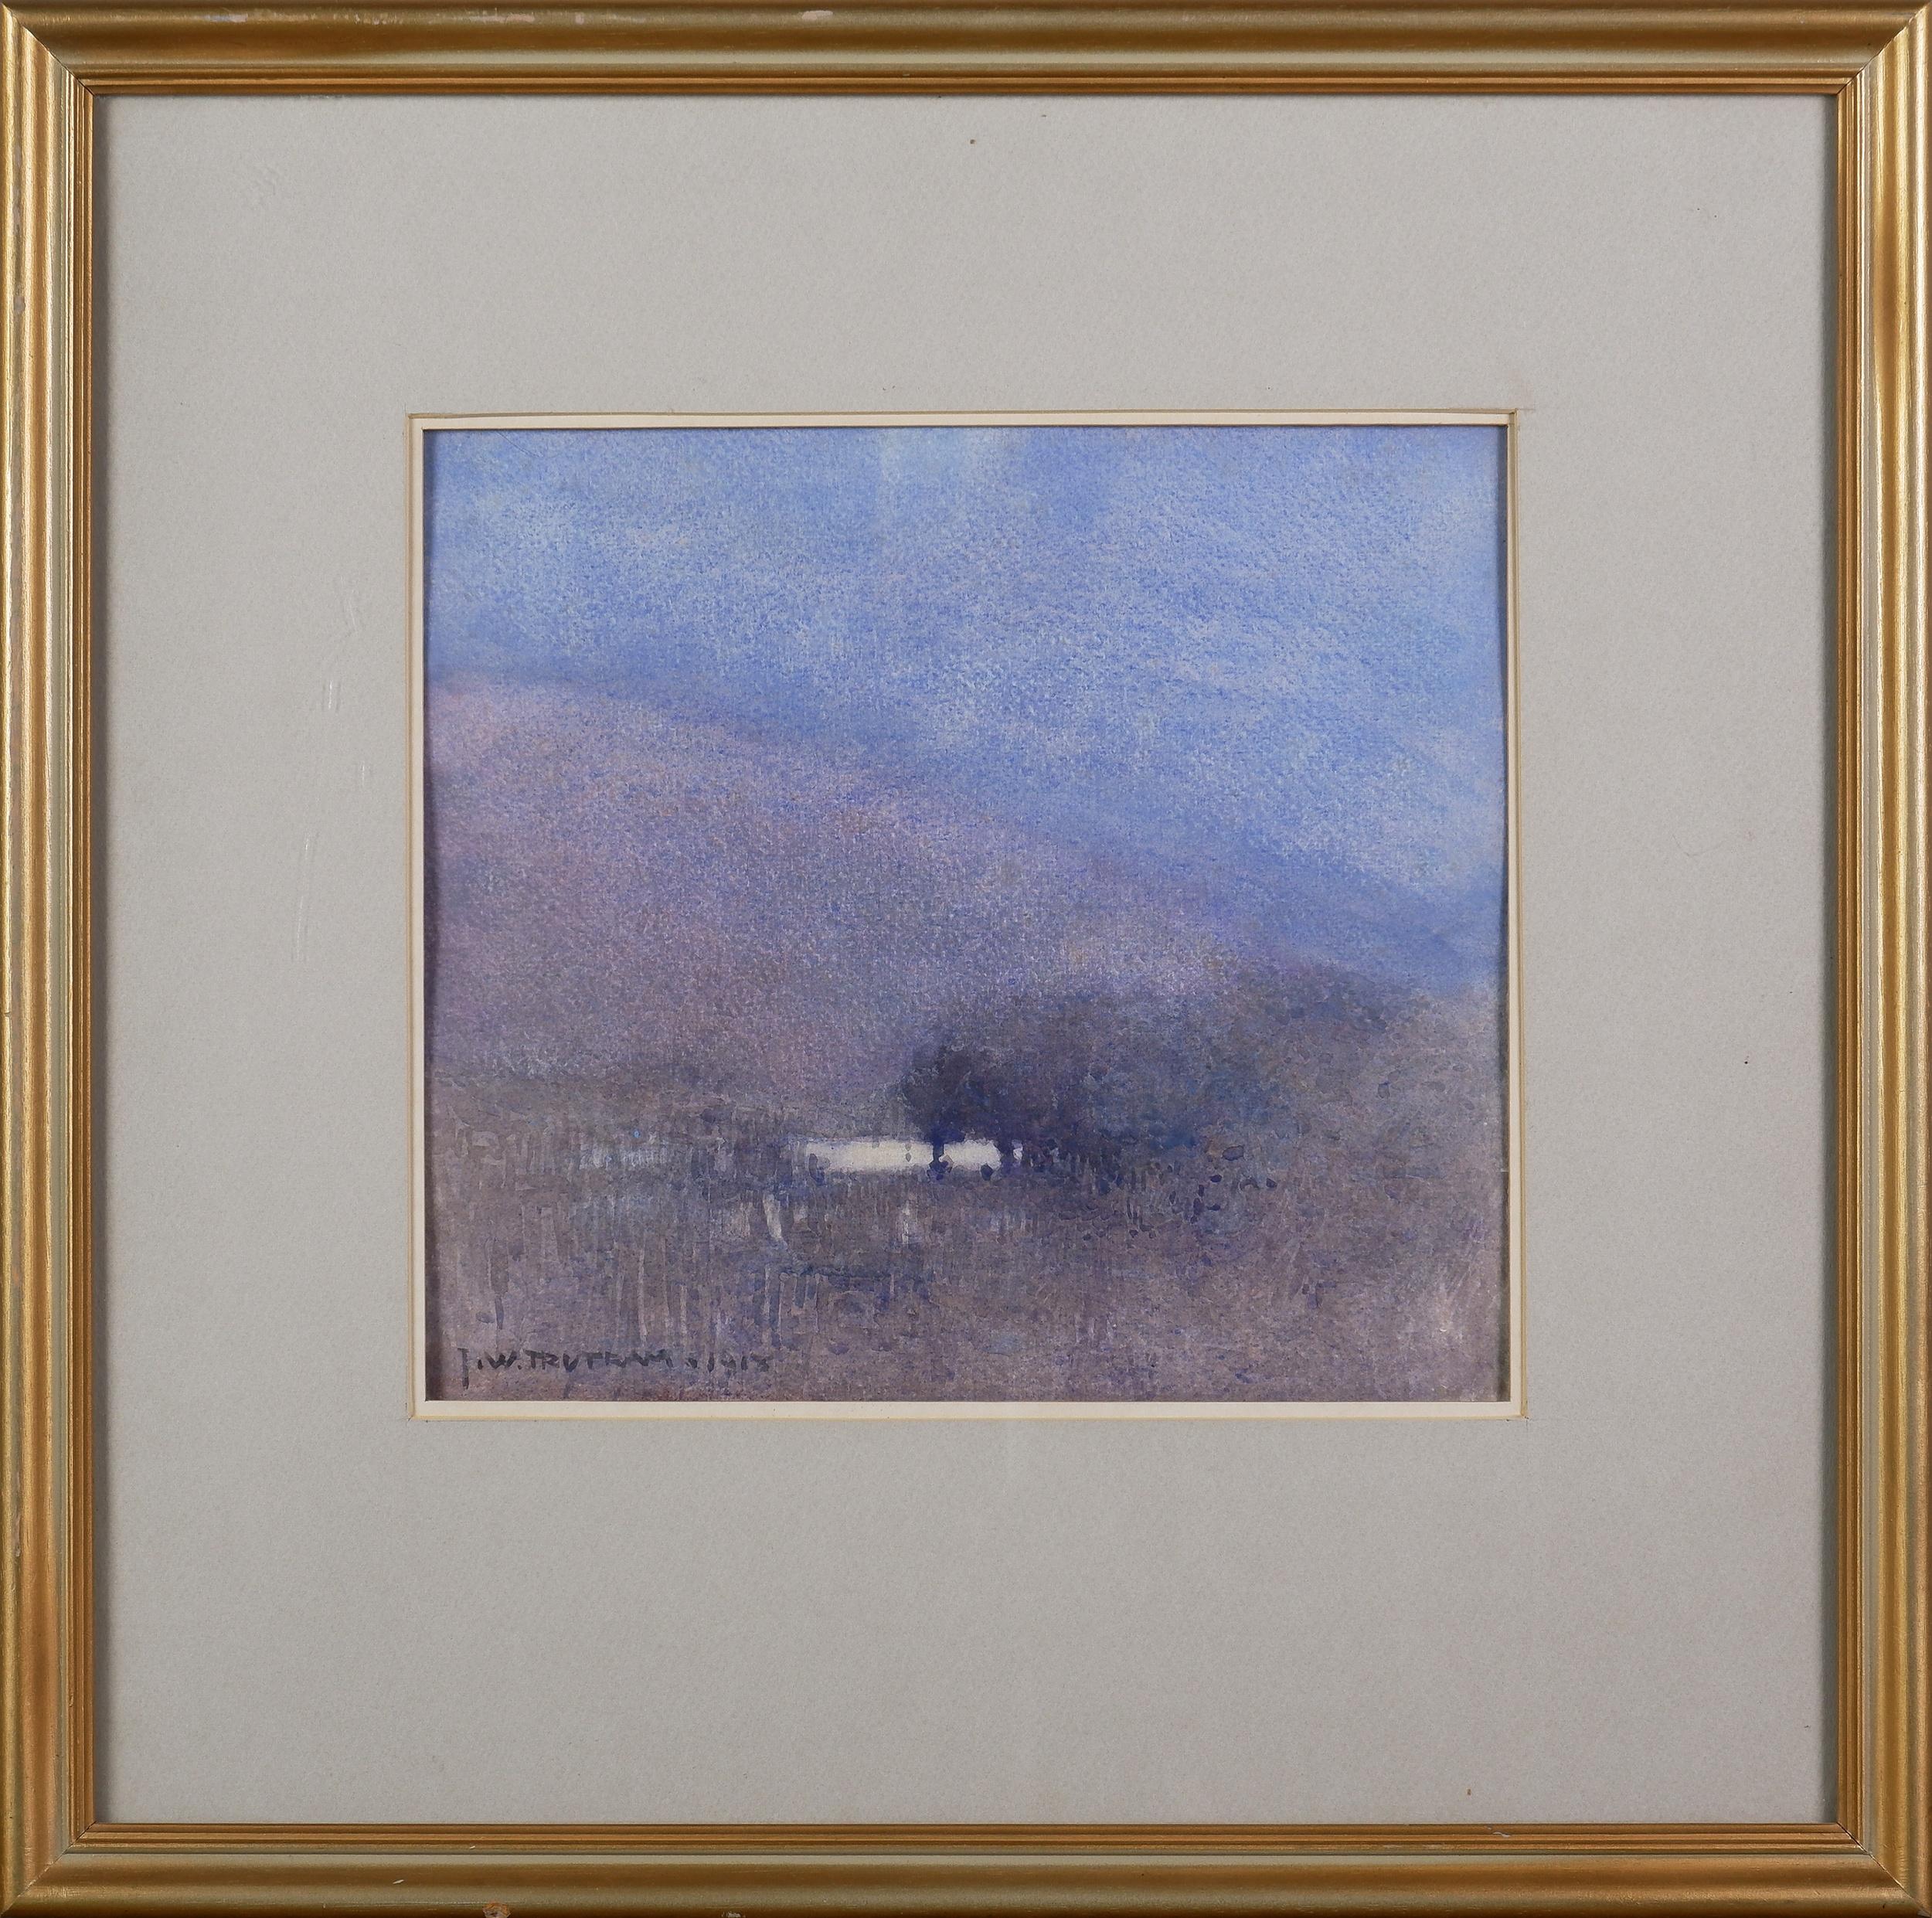 'J. W. Tristram (1872-1938), Untitled (Landscape with Waterhole) 1918, Watercolour on Paper'